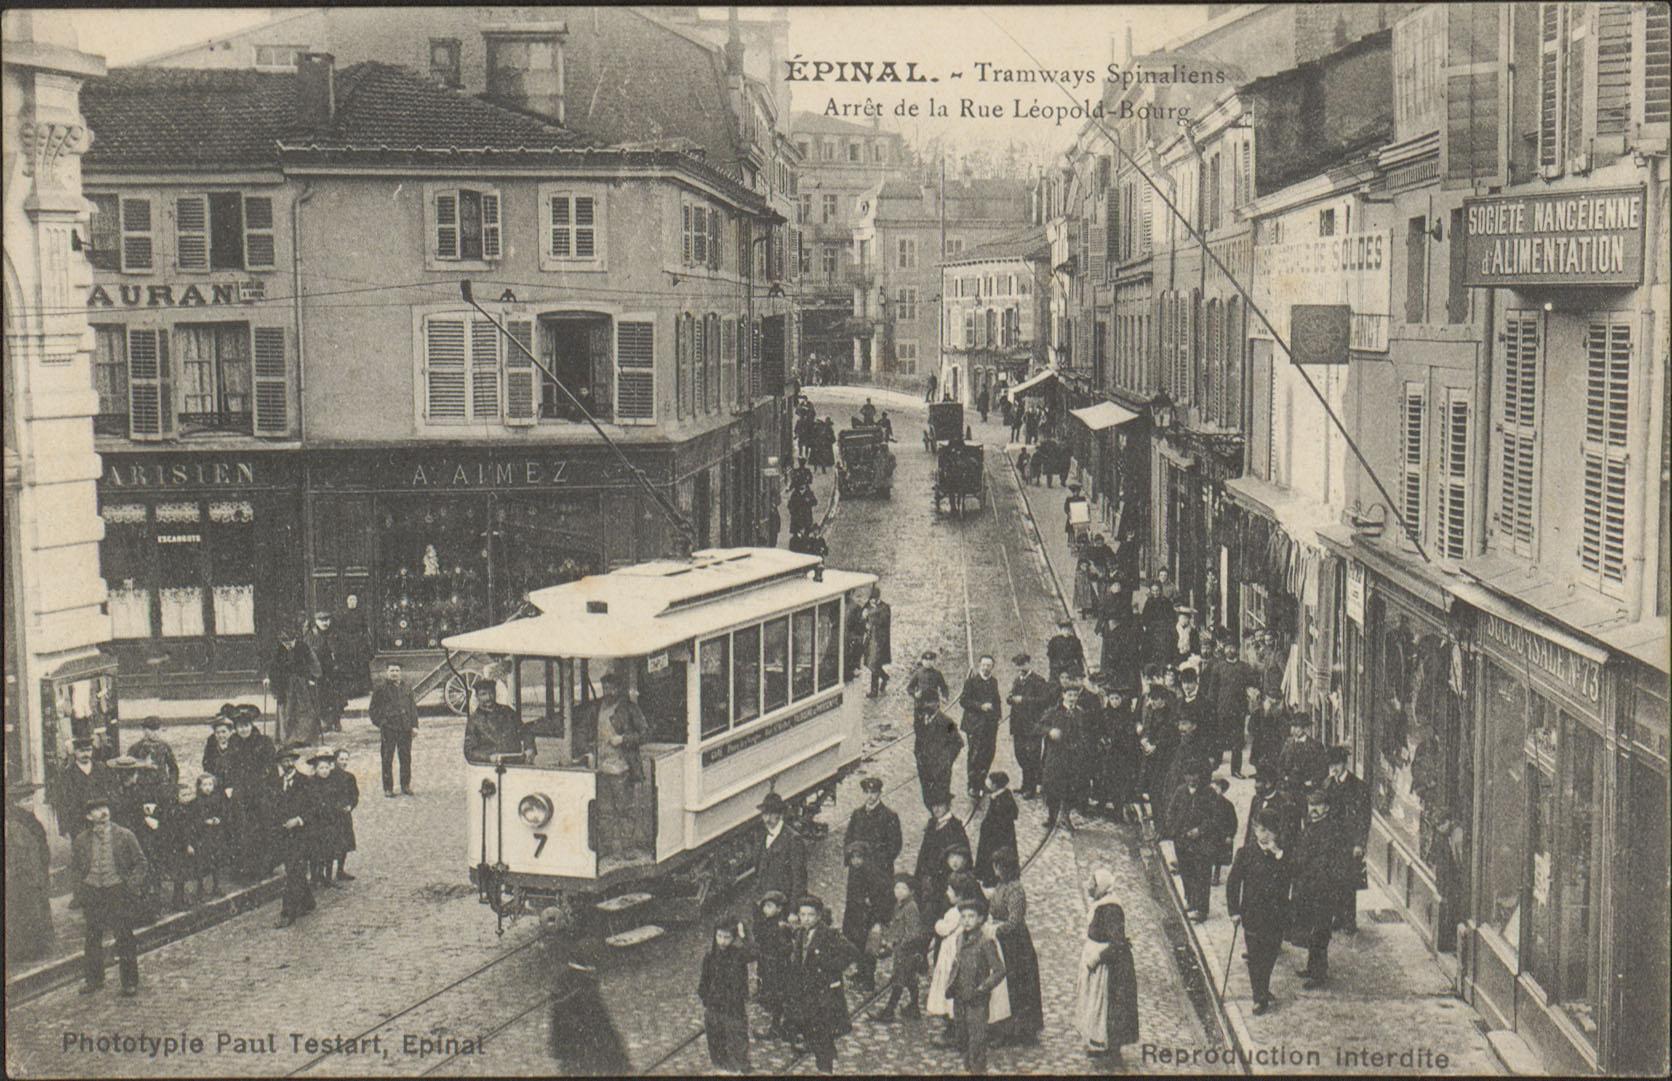 Contenu du Épinal, Tramways Spinaliens, Arrêt de la Rue Léopold-Bourg